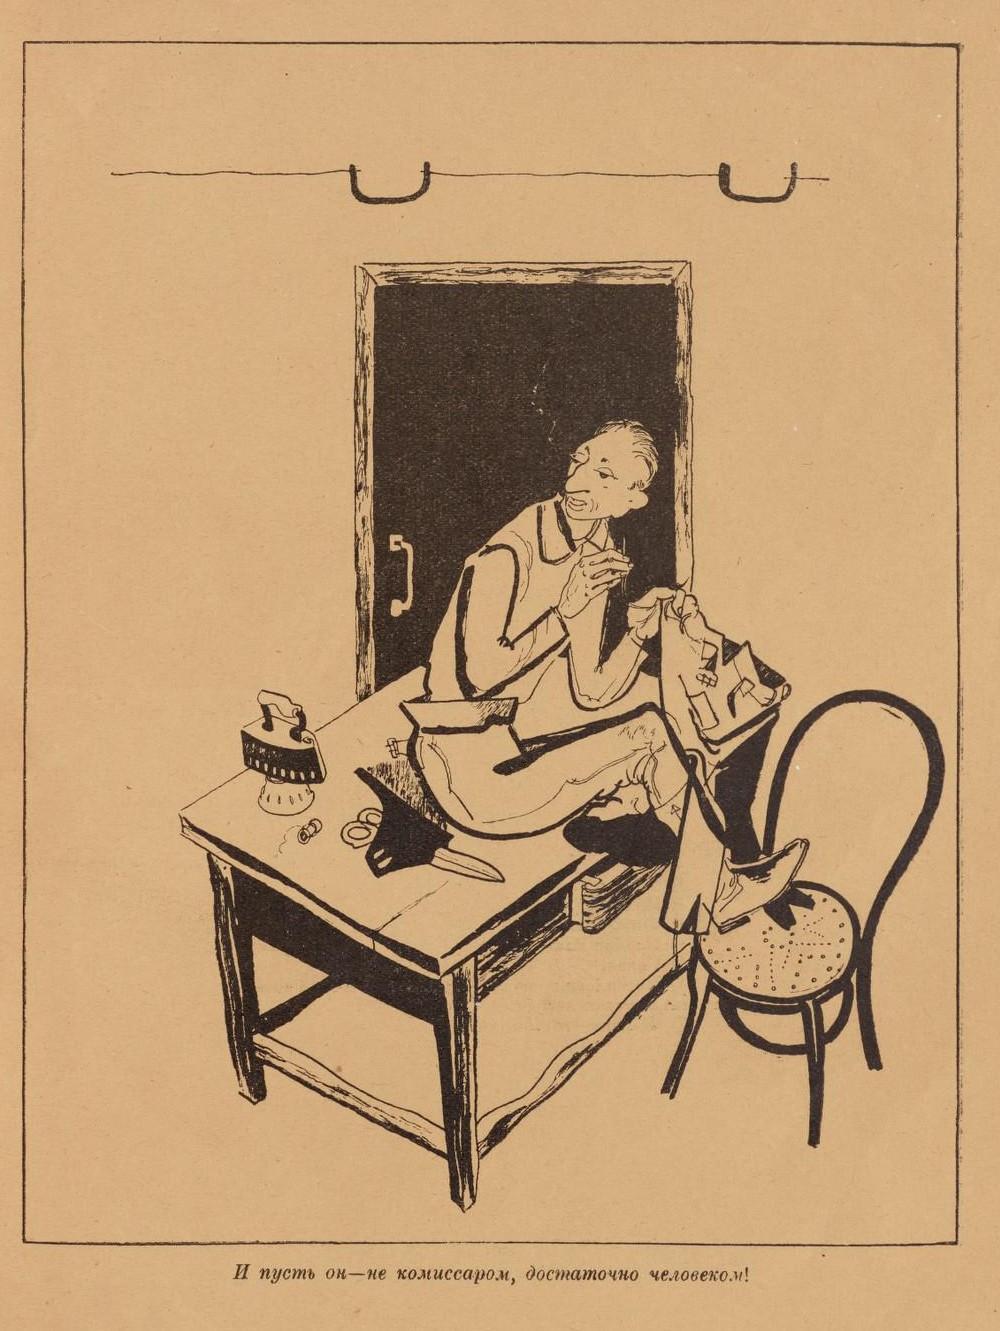 «Повесть о рыжем Мотэле, господине инспекторе, раввине Иссайе и комиссаре Блох» (1926 год) 29